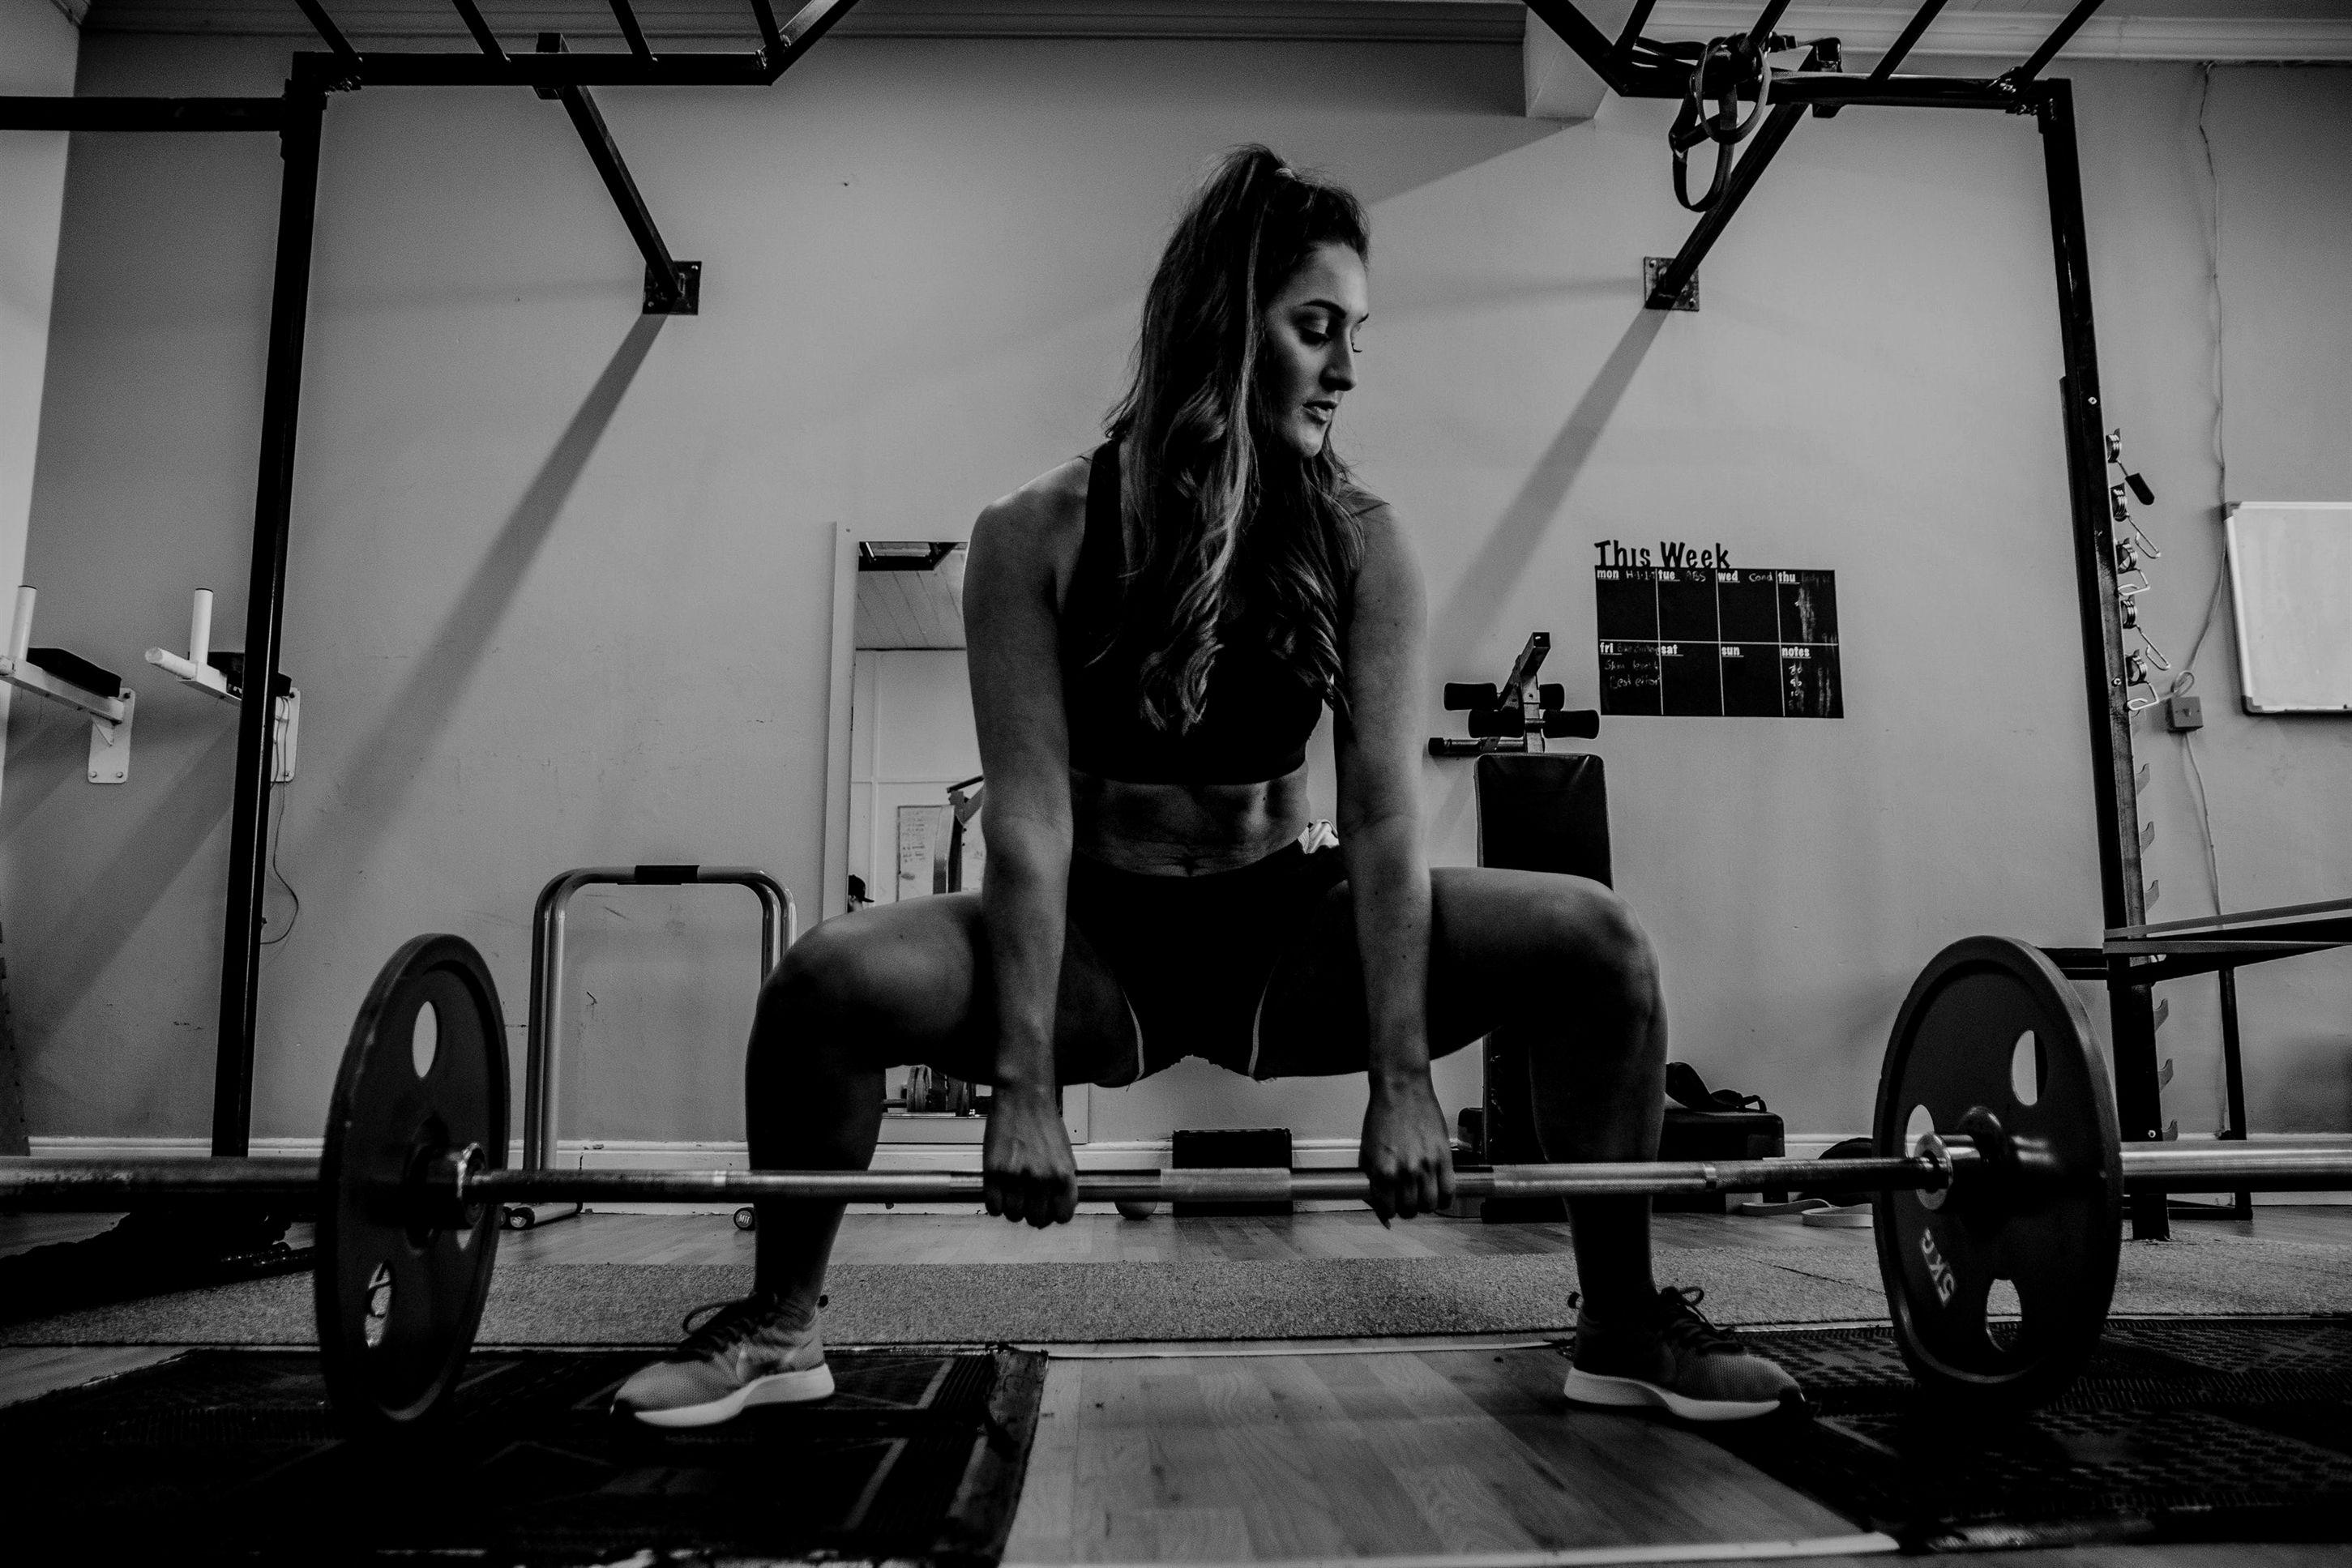 anytime fitness entrepreneur_6366_20191123214442_52